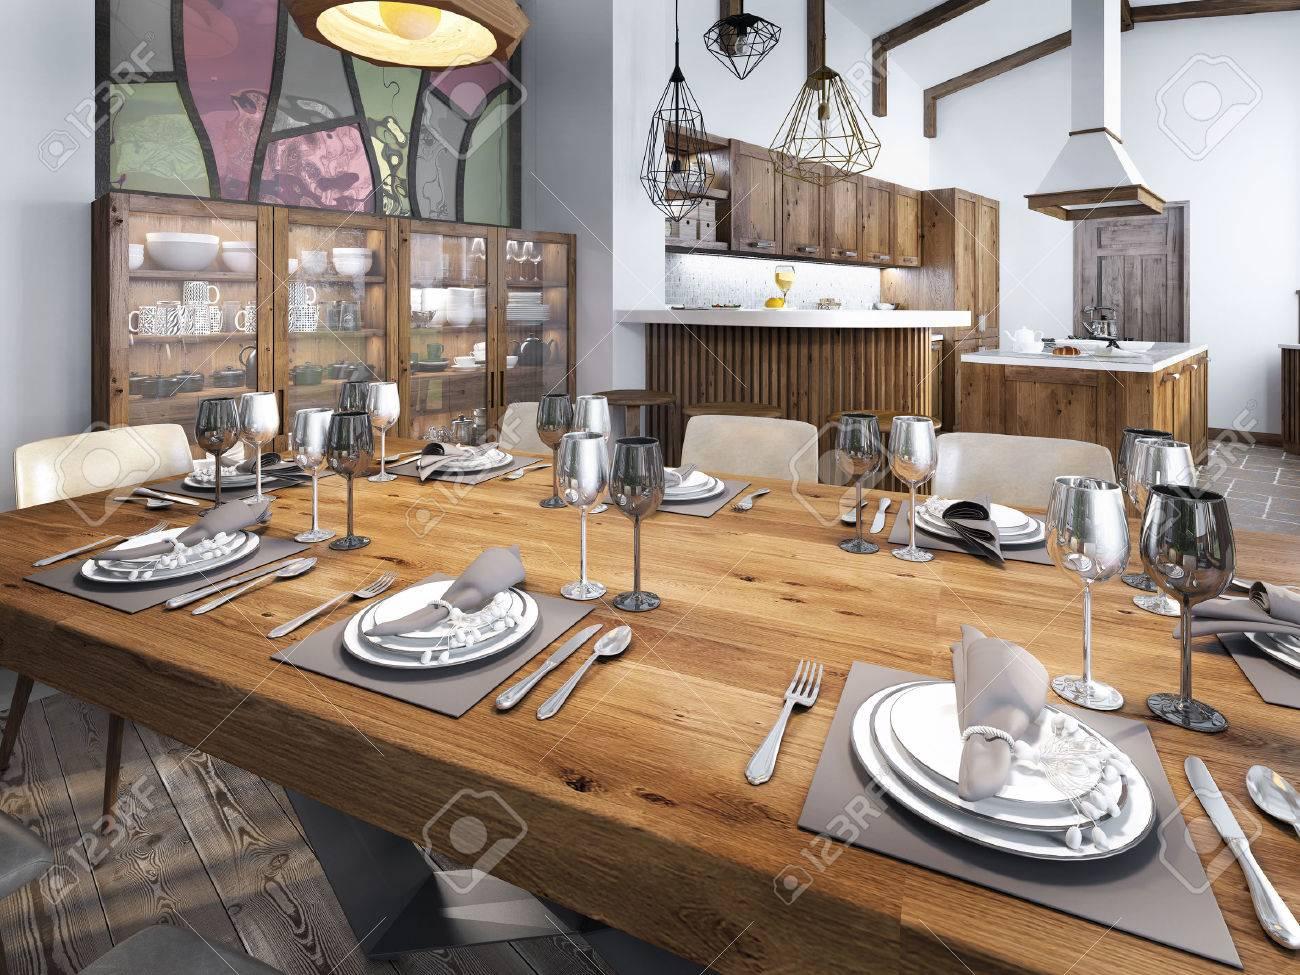 Moderne Esszimmer In Die Küche Raum Gebaut. Großer Speiseholztisch Für Acht  Personen. 3D übertragen